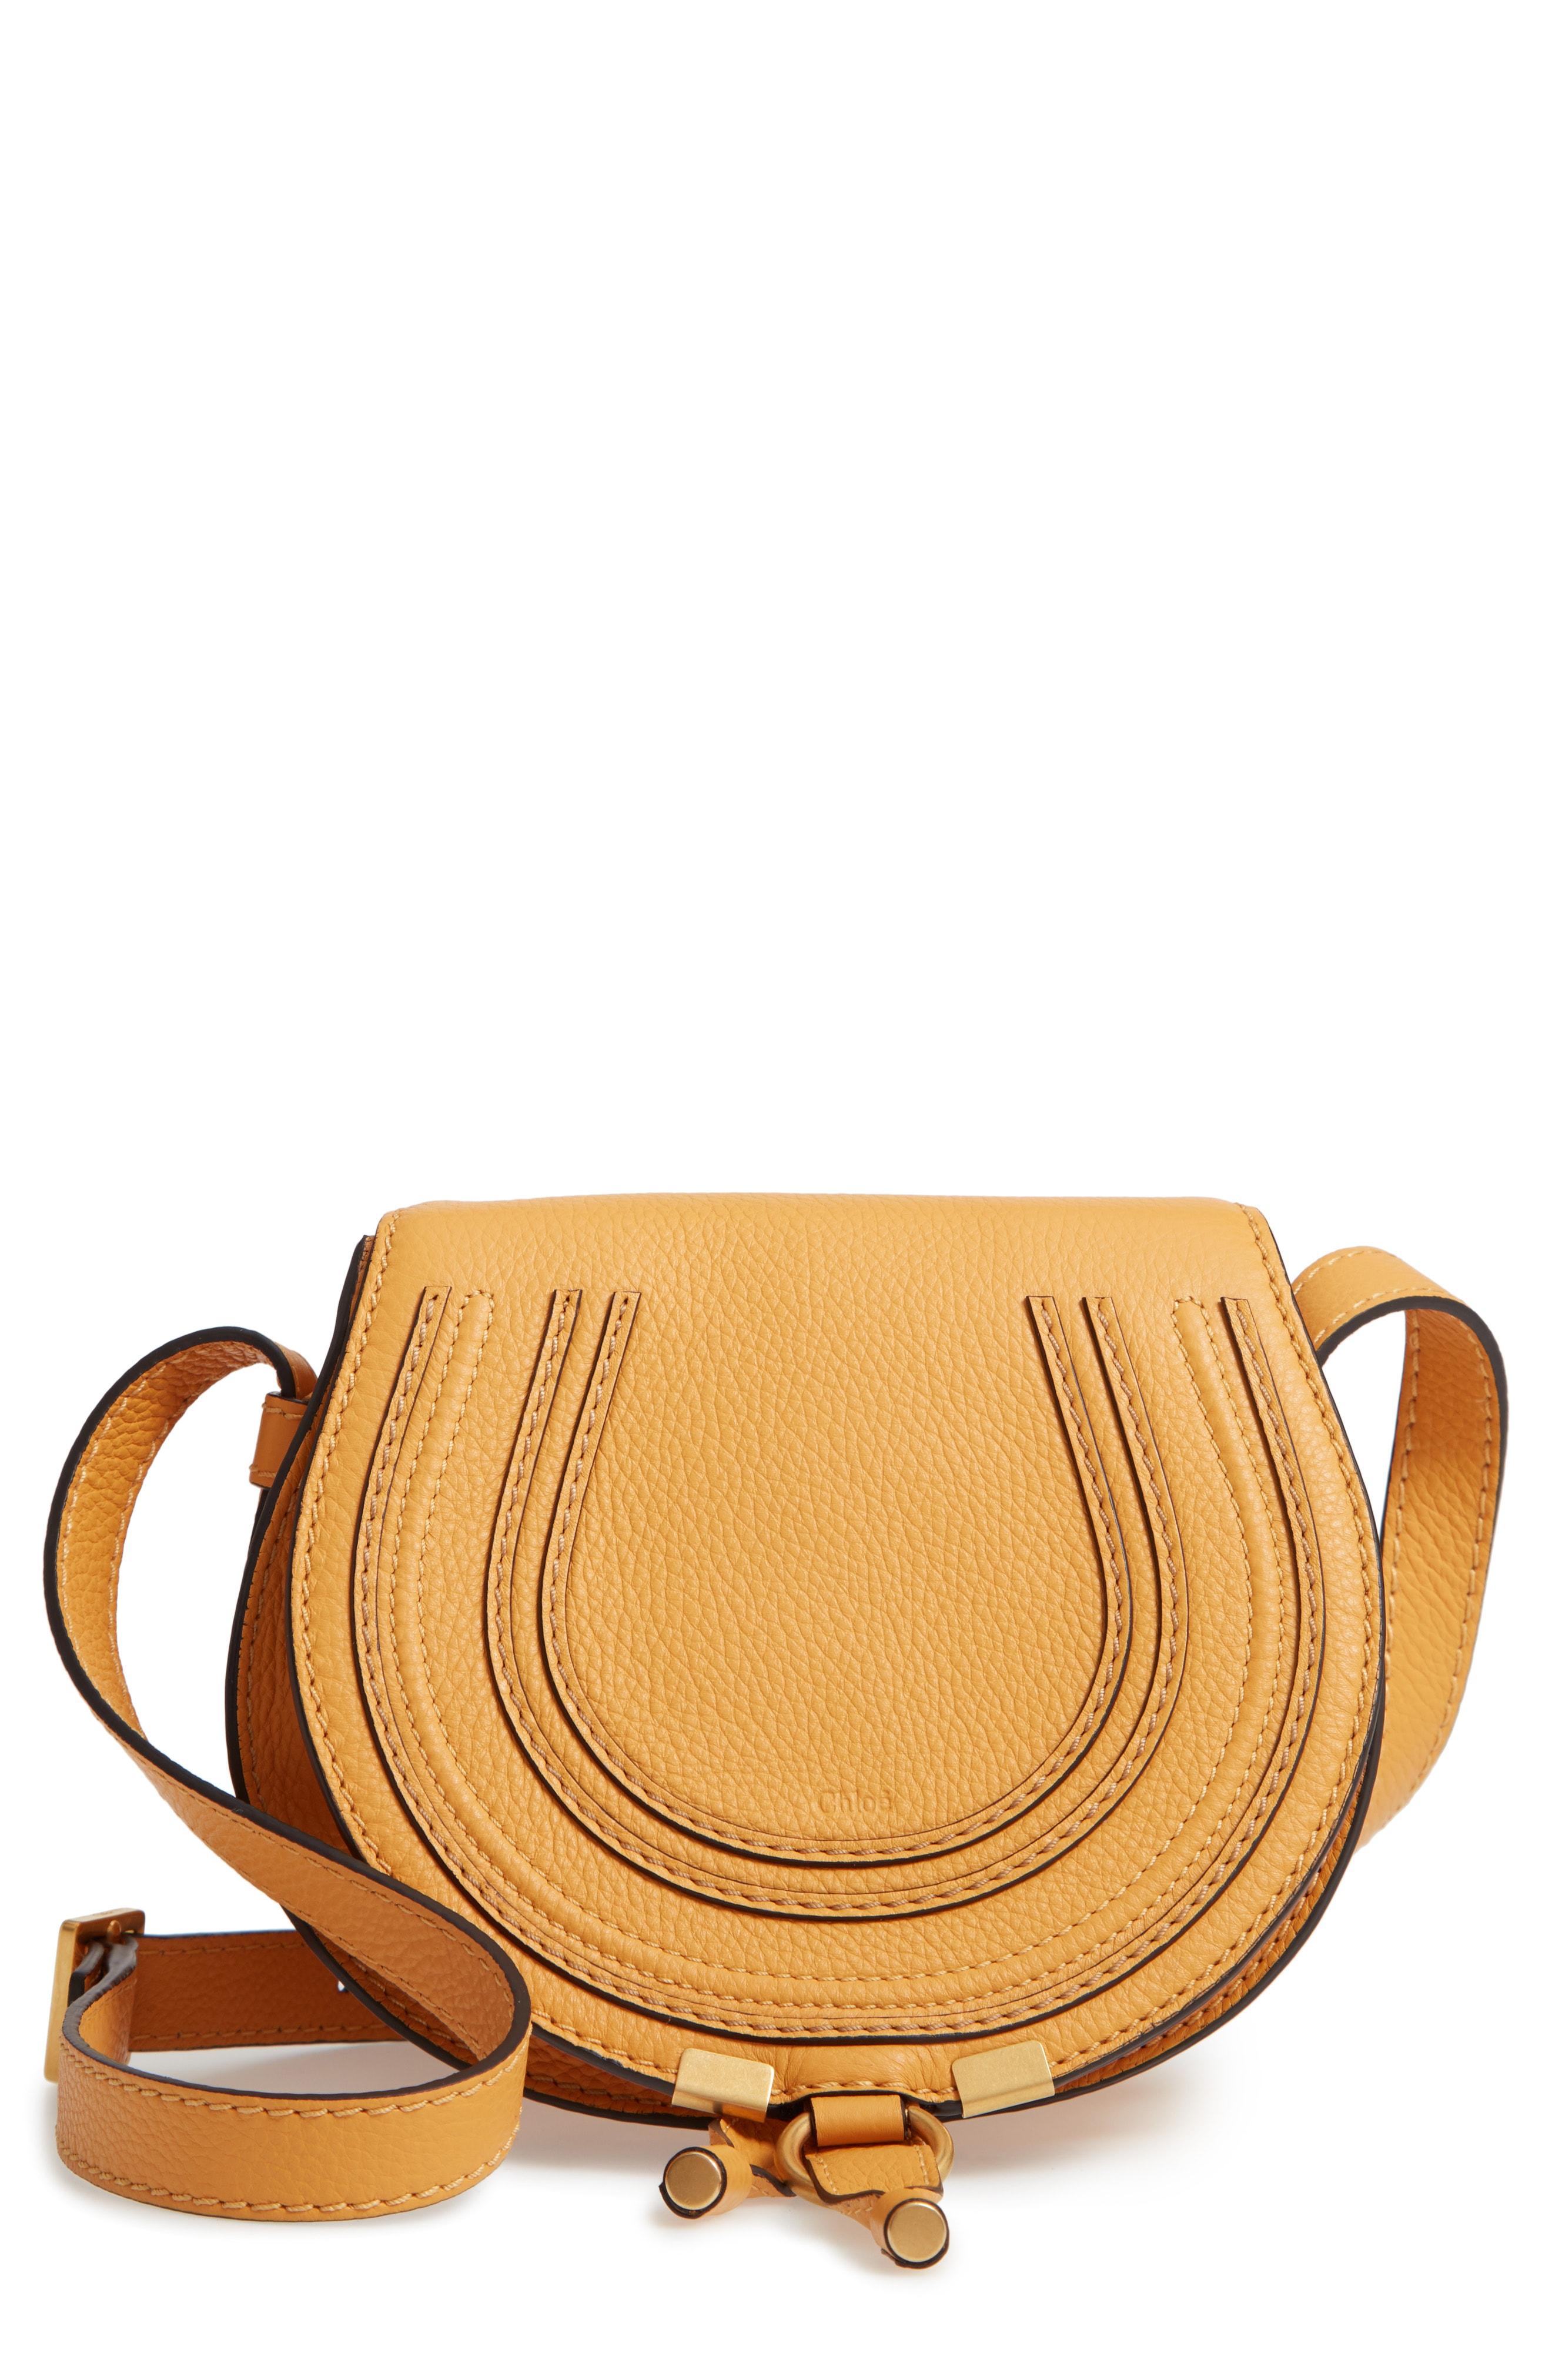 Chlo 'Mini Marcie' Leather Crossbody Bag